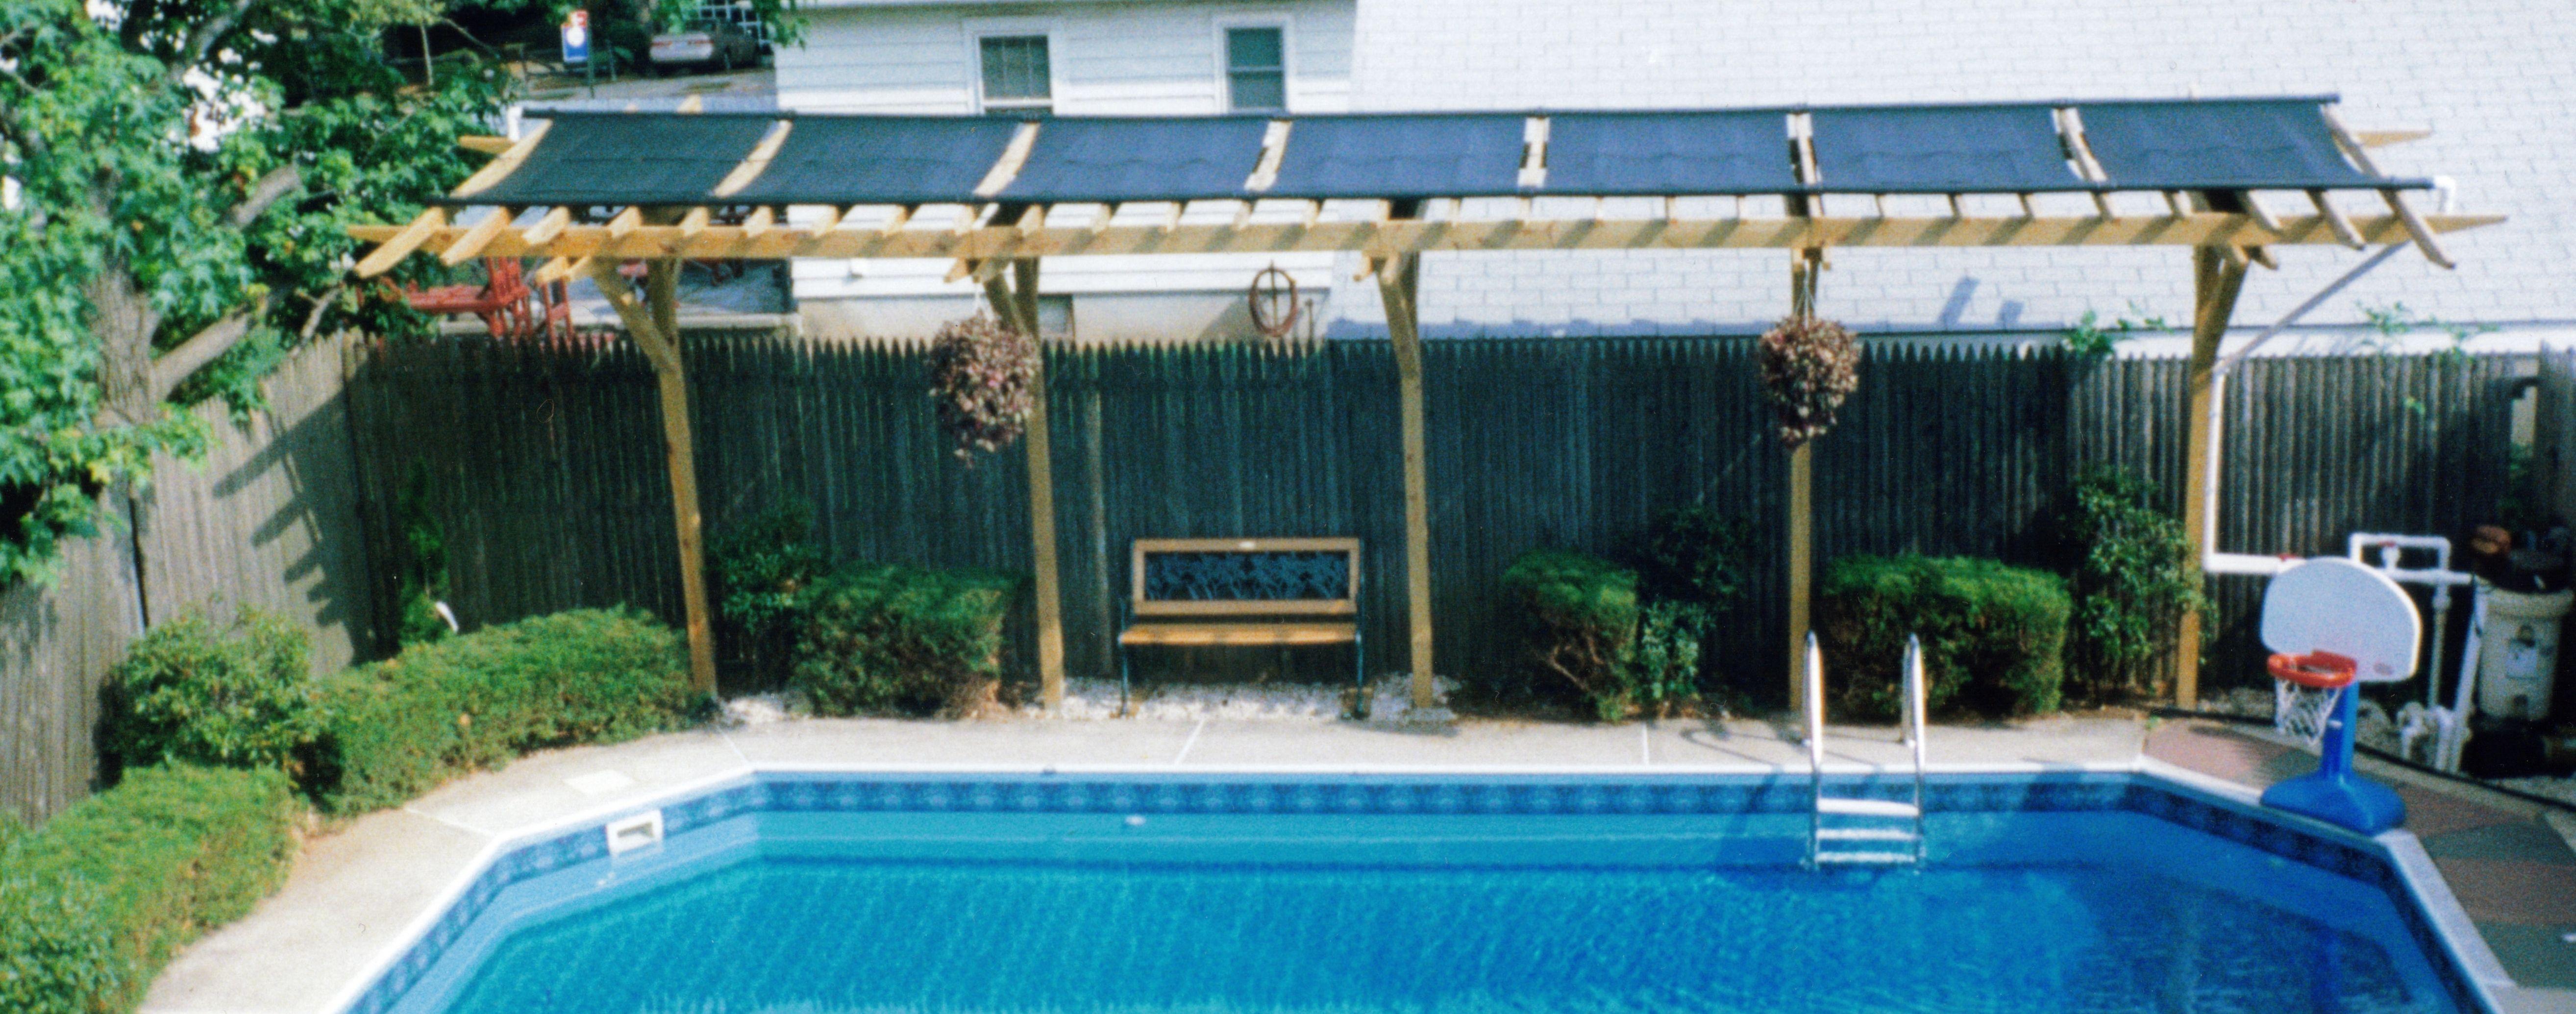 pergola und pool pictures - photo #33